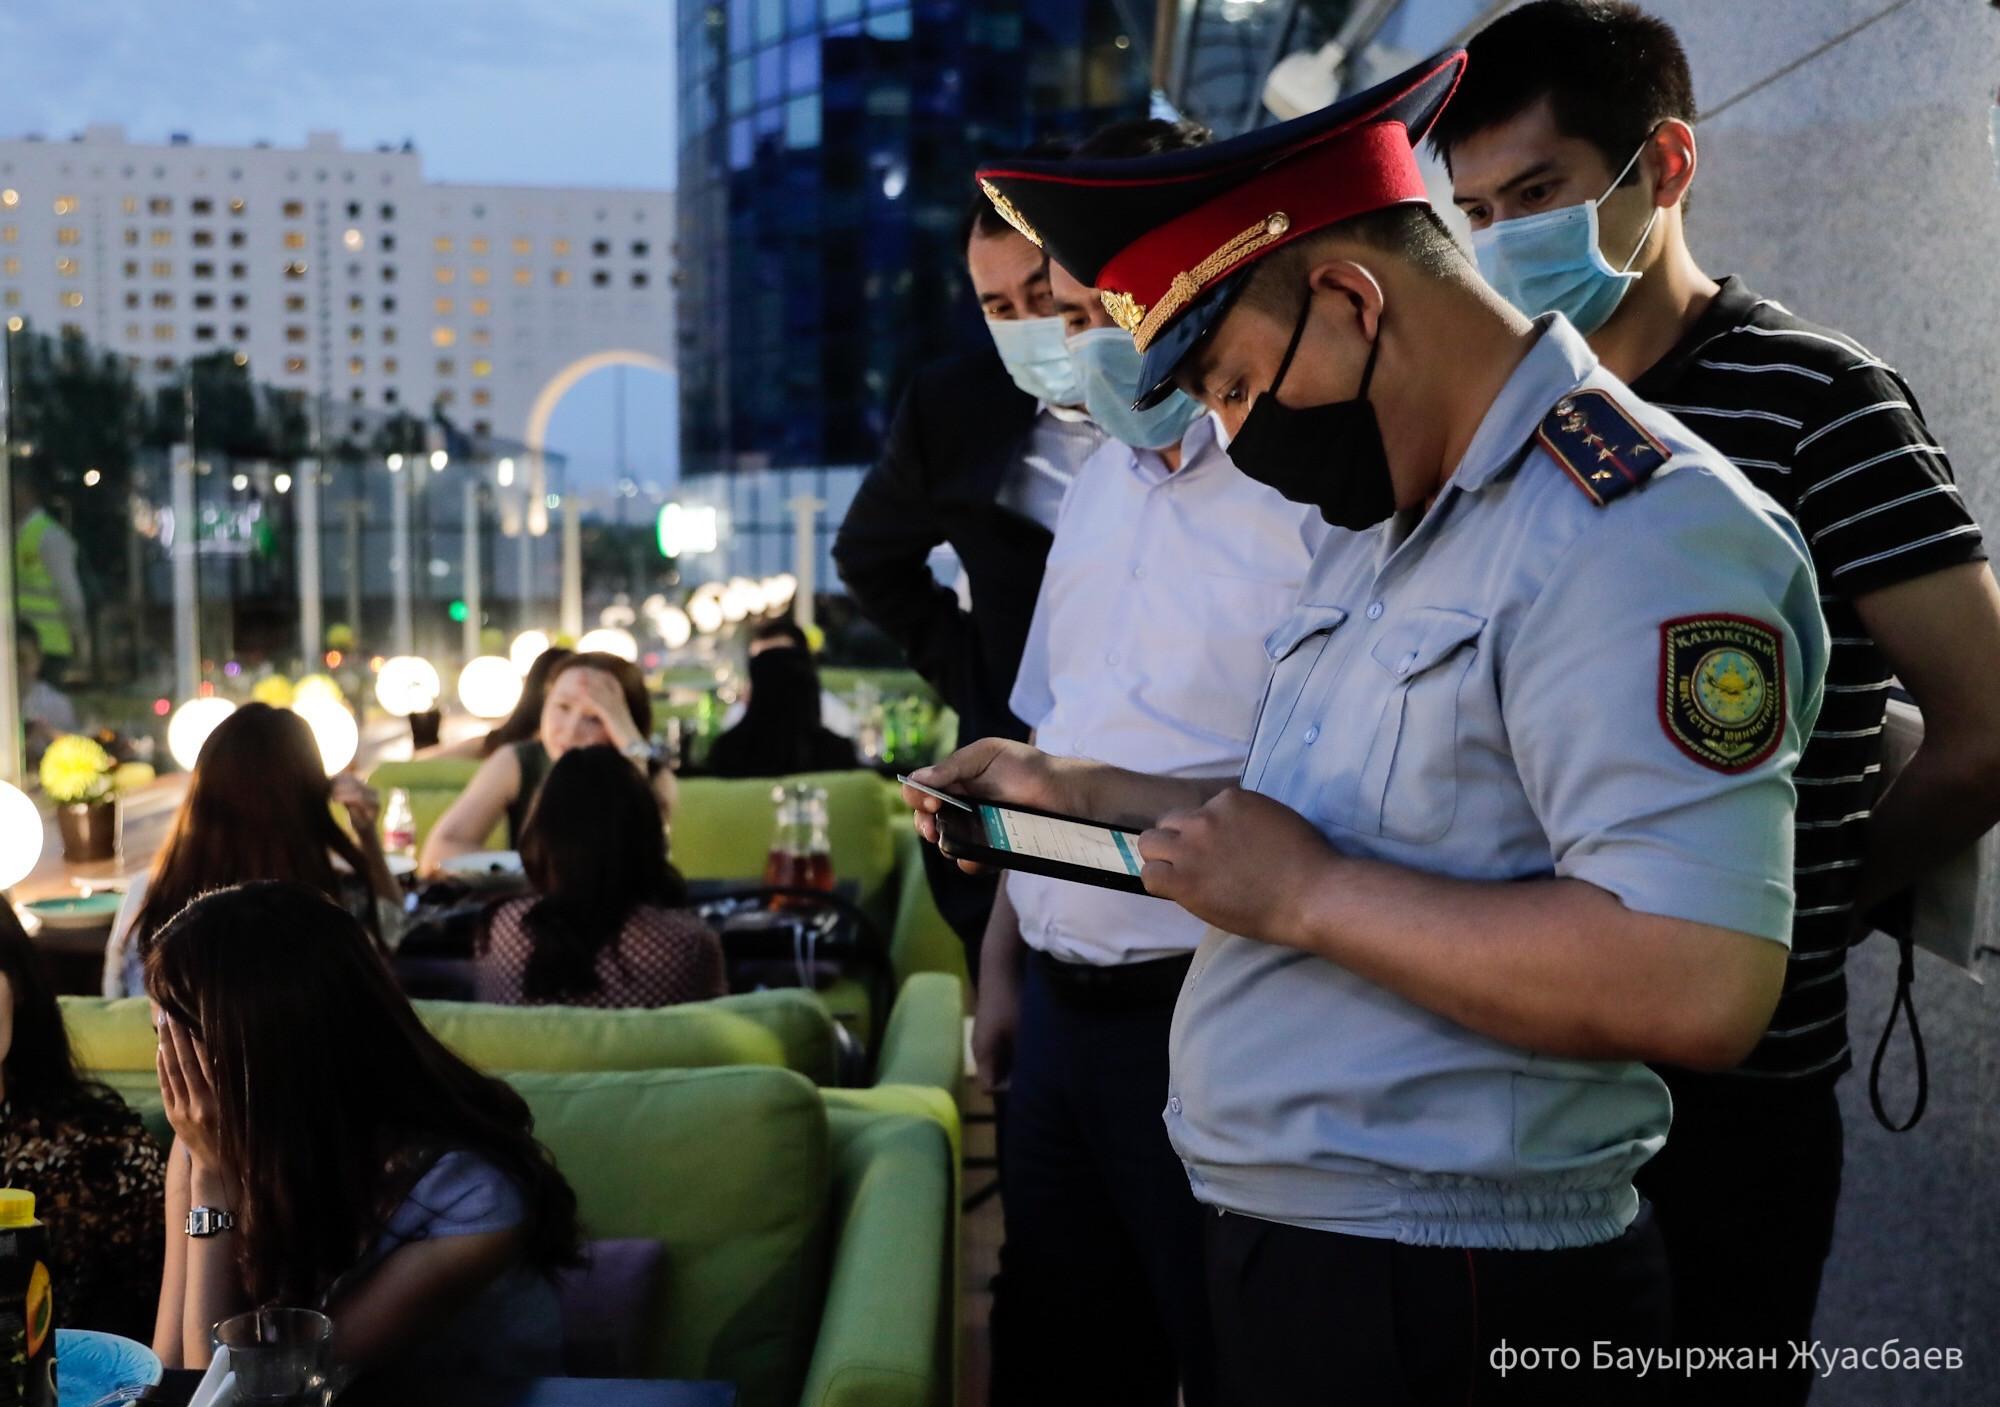 Police officers continue monitoring the compliance to the rules. Photo credit Baurzhan Zhuasbayevastana.gov .kz  - Казахстан ужесточает ограничения взаперти за выходные по борьбе с возрождающейся коронавирус волны